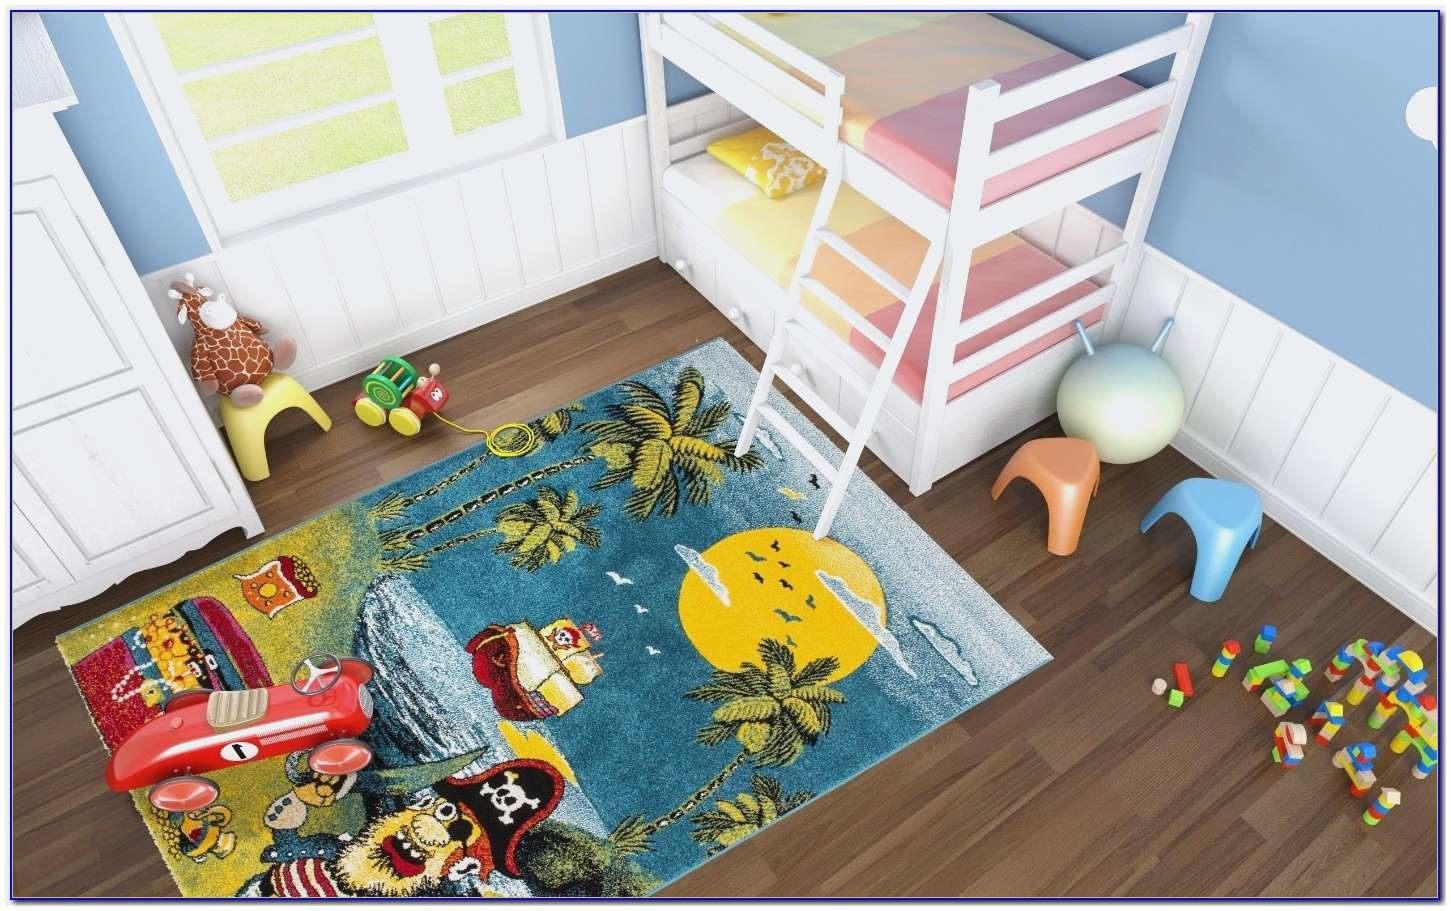 Accessoire Lit Bébé Élégant Elégant Chambre Bébé Fille Gris Et Rose Beau Parc B C3 A9b C3 A9